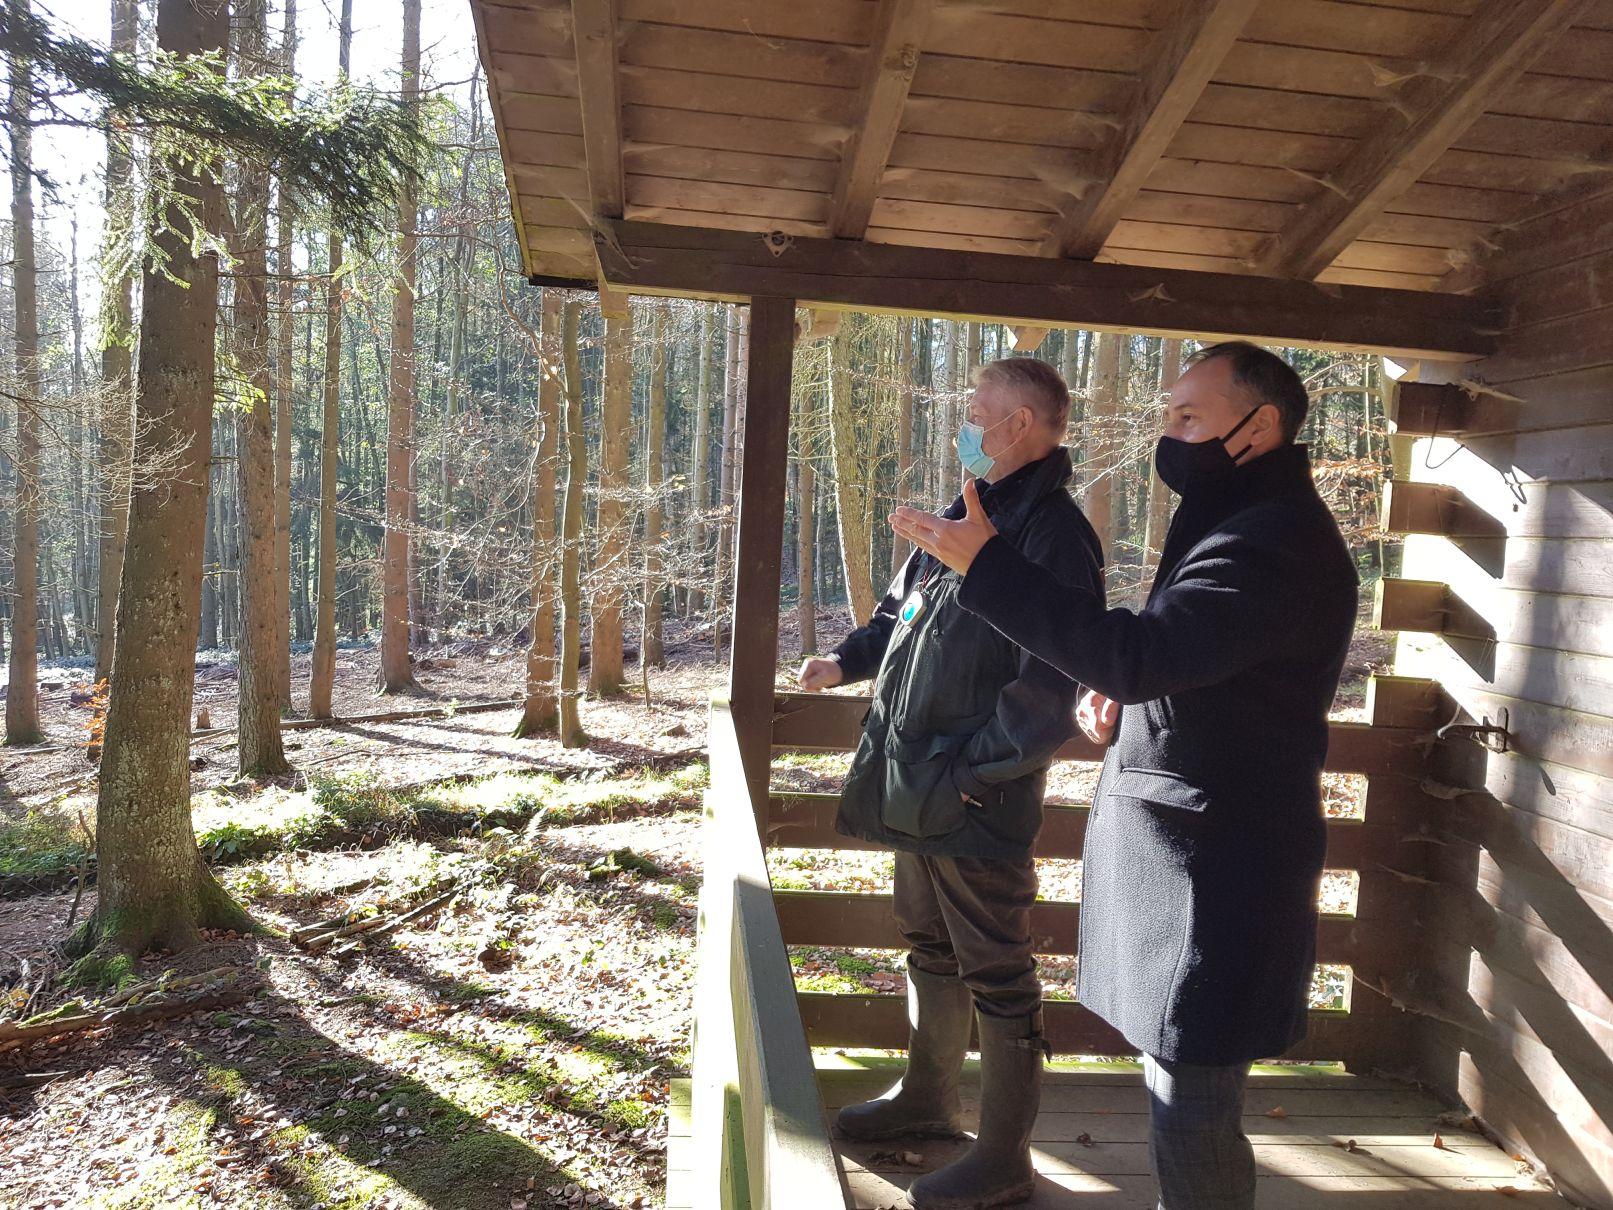 Bürgermeister Adnan Shaikh mit Martin Westenberger, Revierleiter der Revierförsterei Kronberg im Forstamt Königstein.